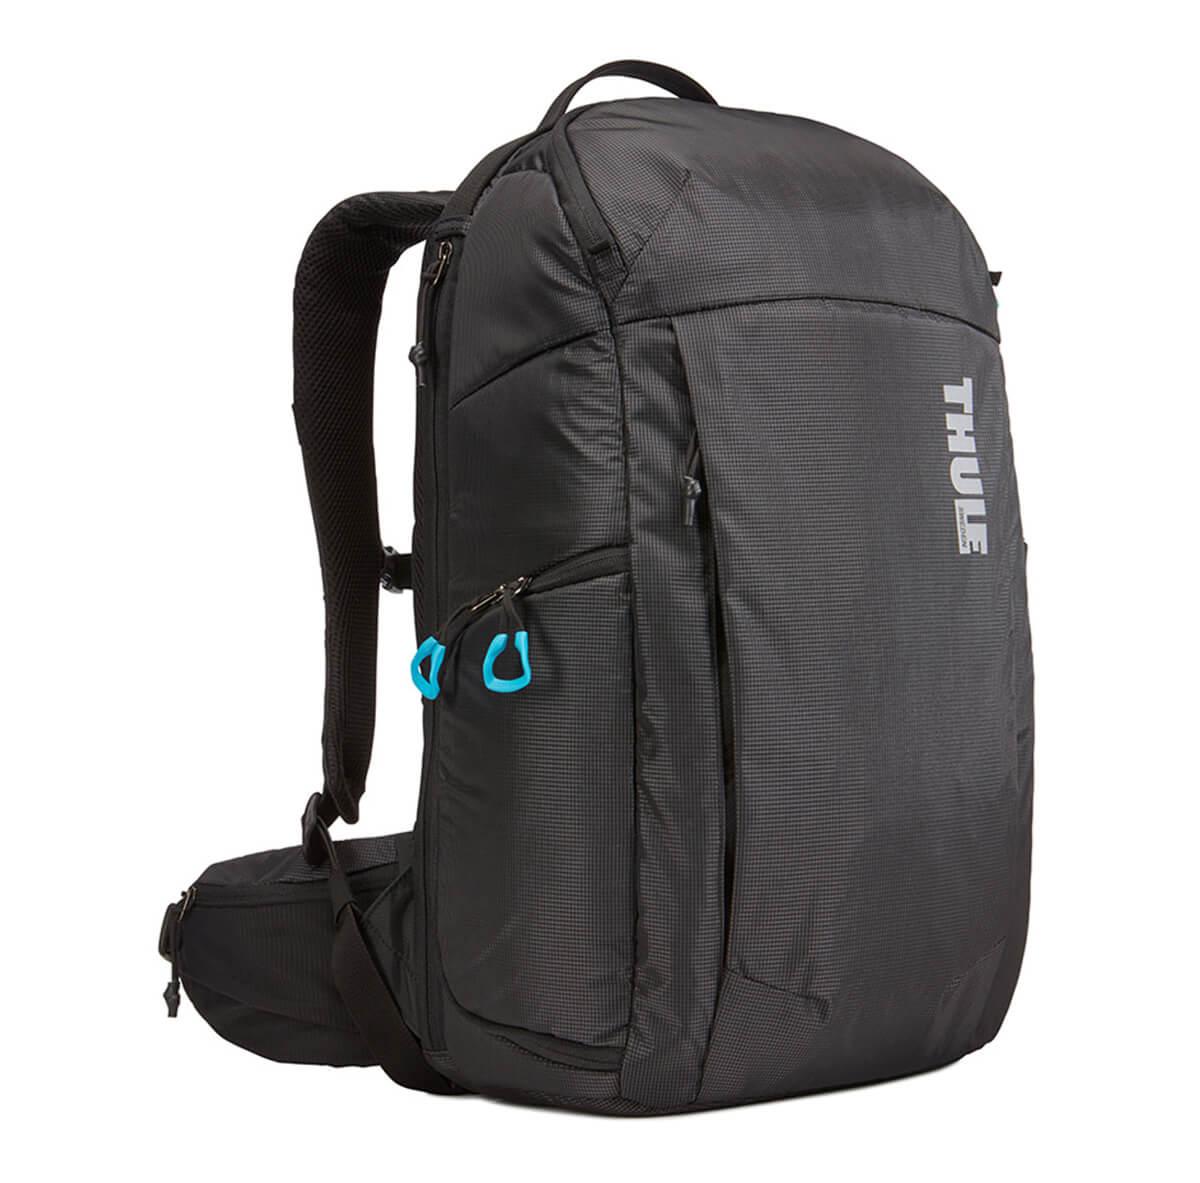 Best Camera Backpacks for Travel - Thule Aspect